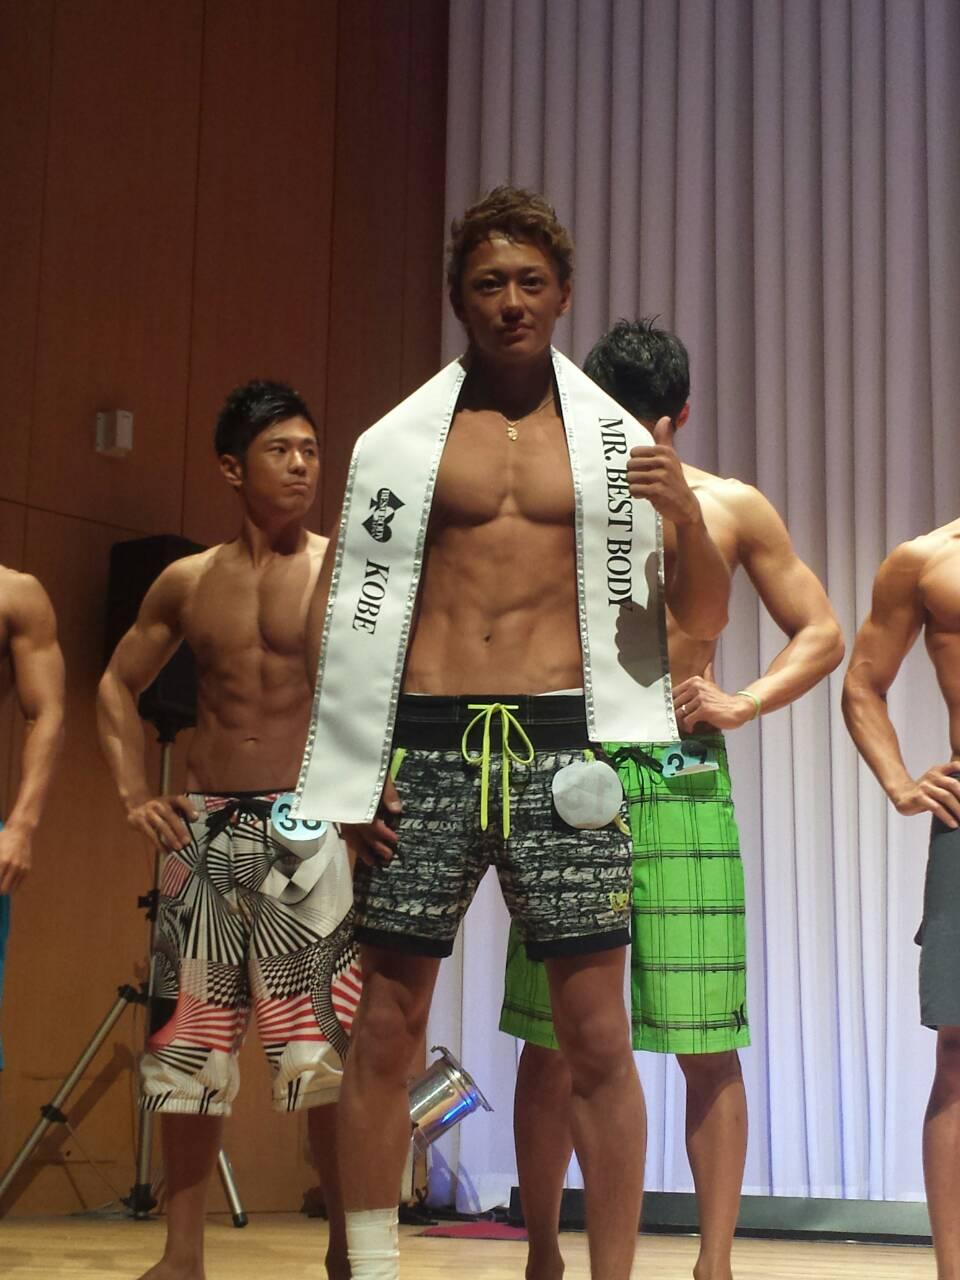 ベストボディ・ジャパン江川隼平選手